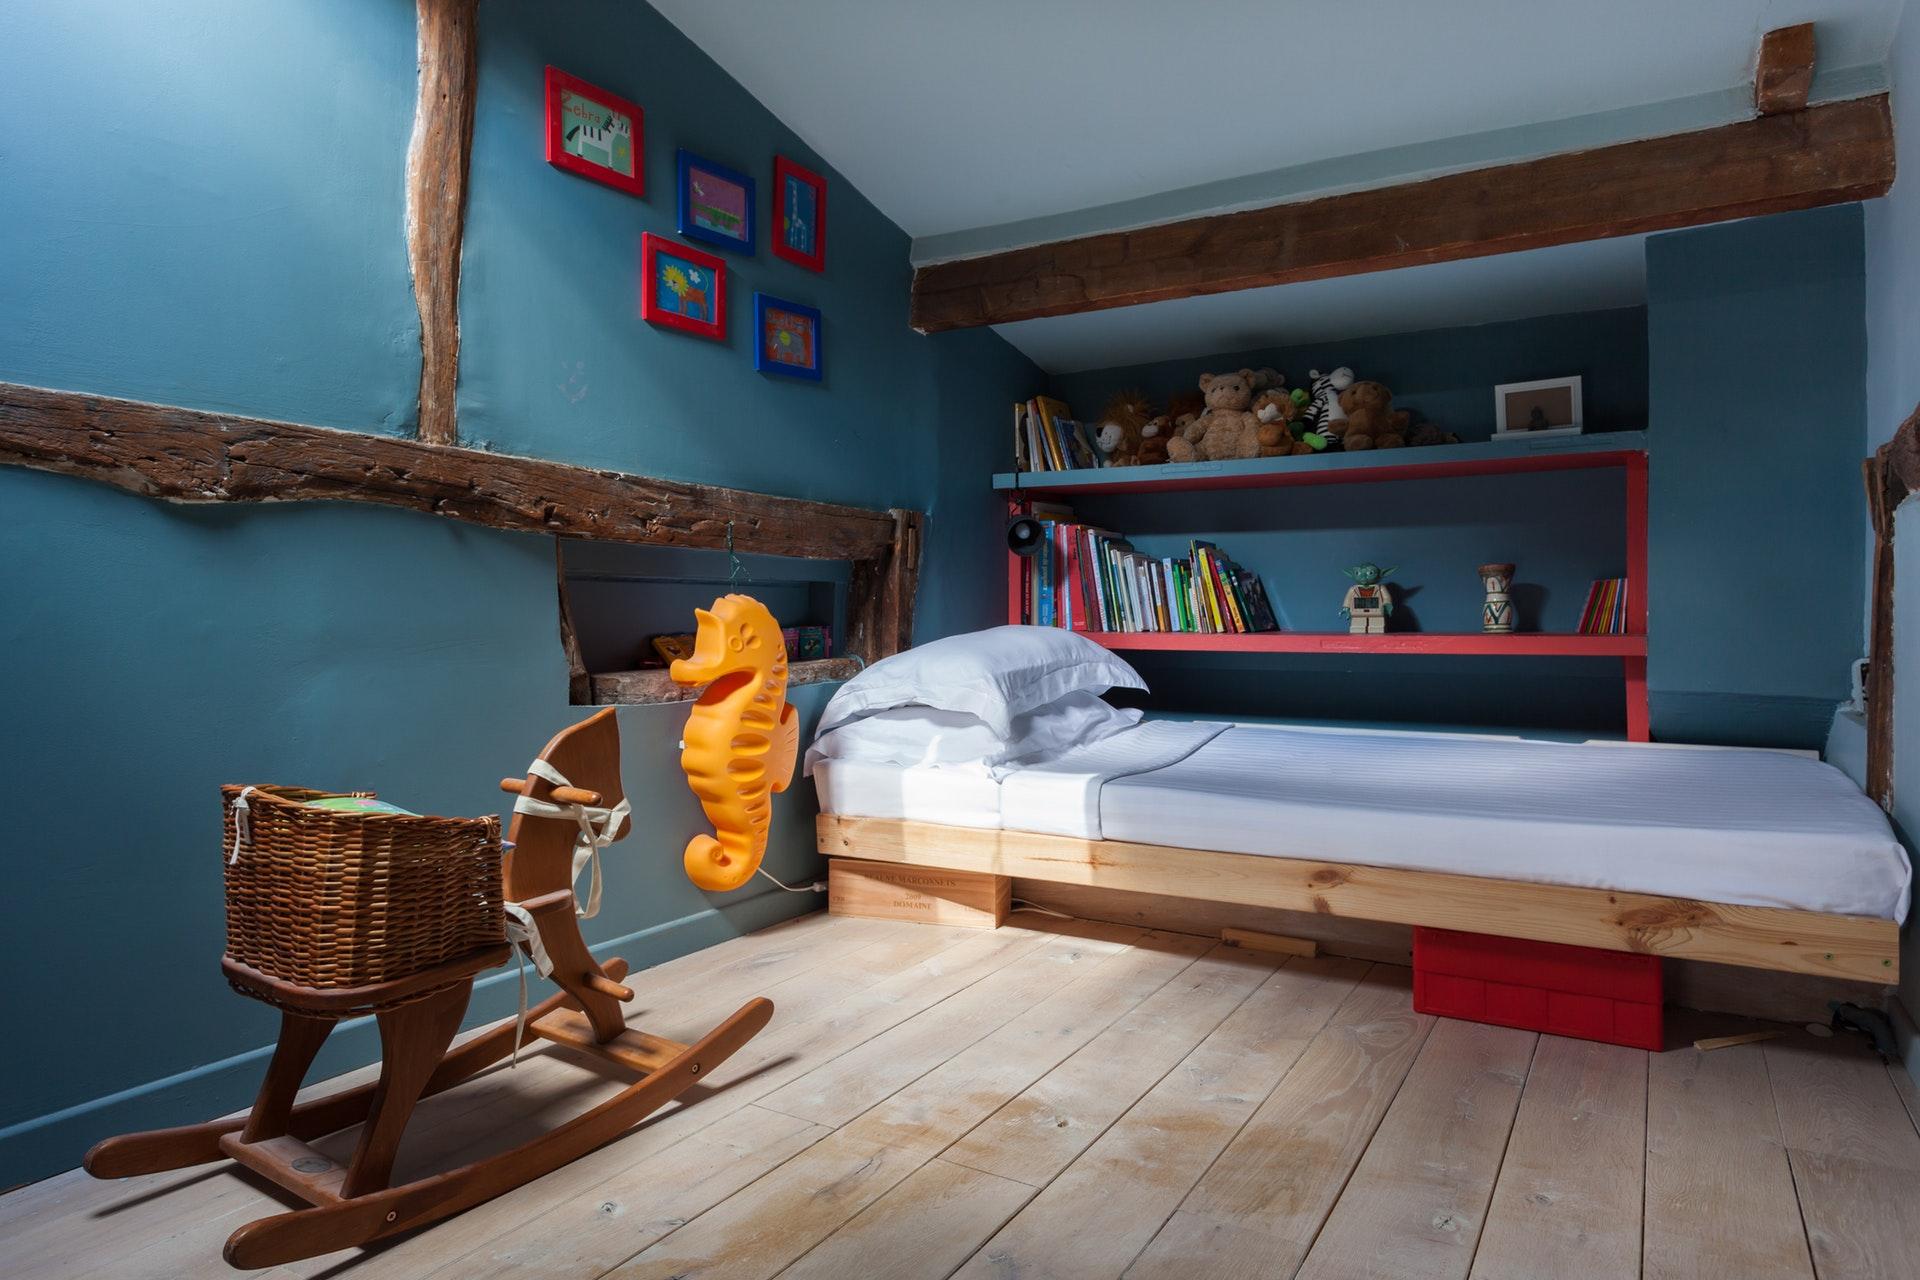 детская спальня антресоли кровать полки